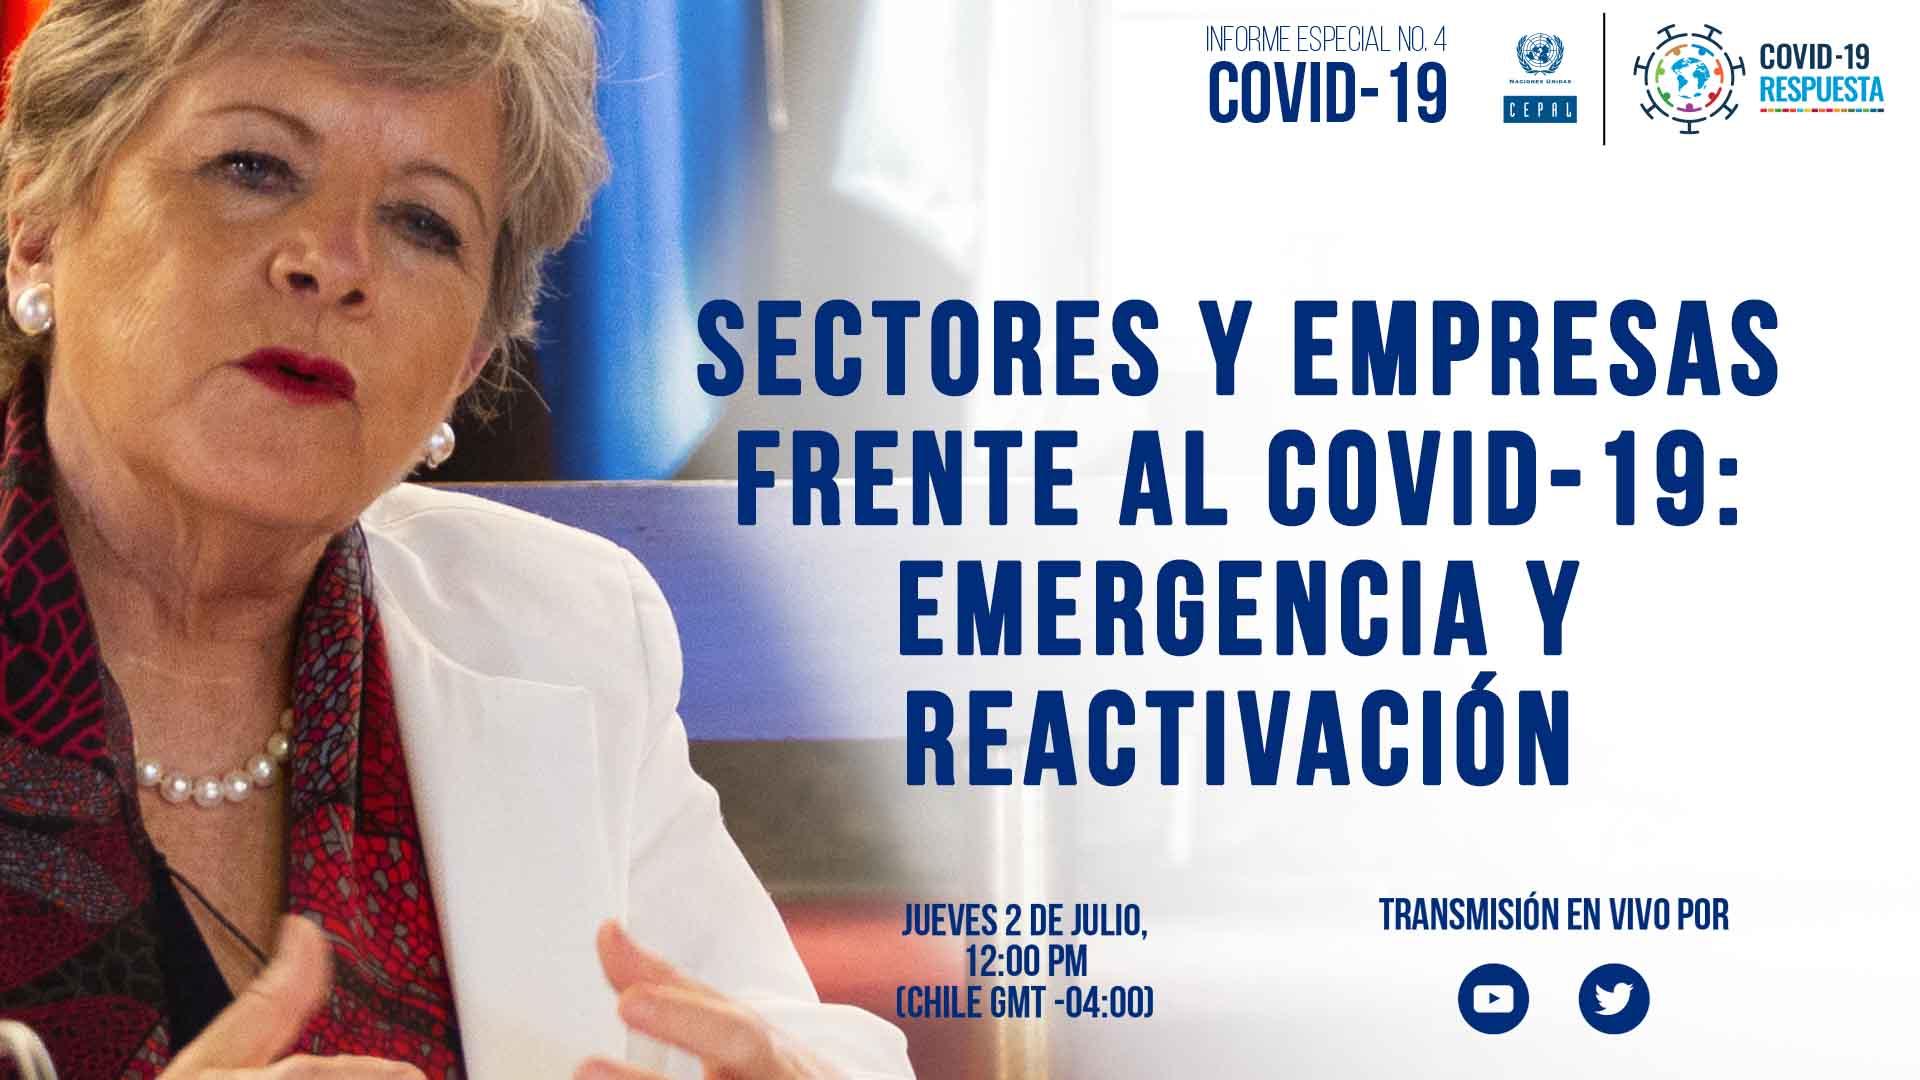 Banner anuncio Informe Especial COVID-19 No. 4 de la CEPAL